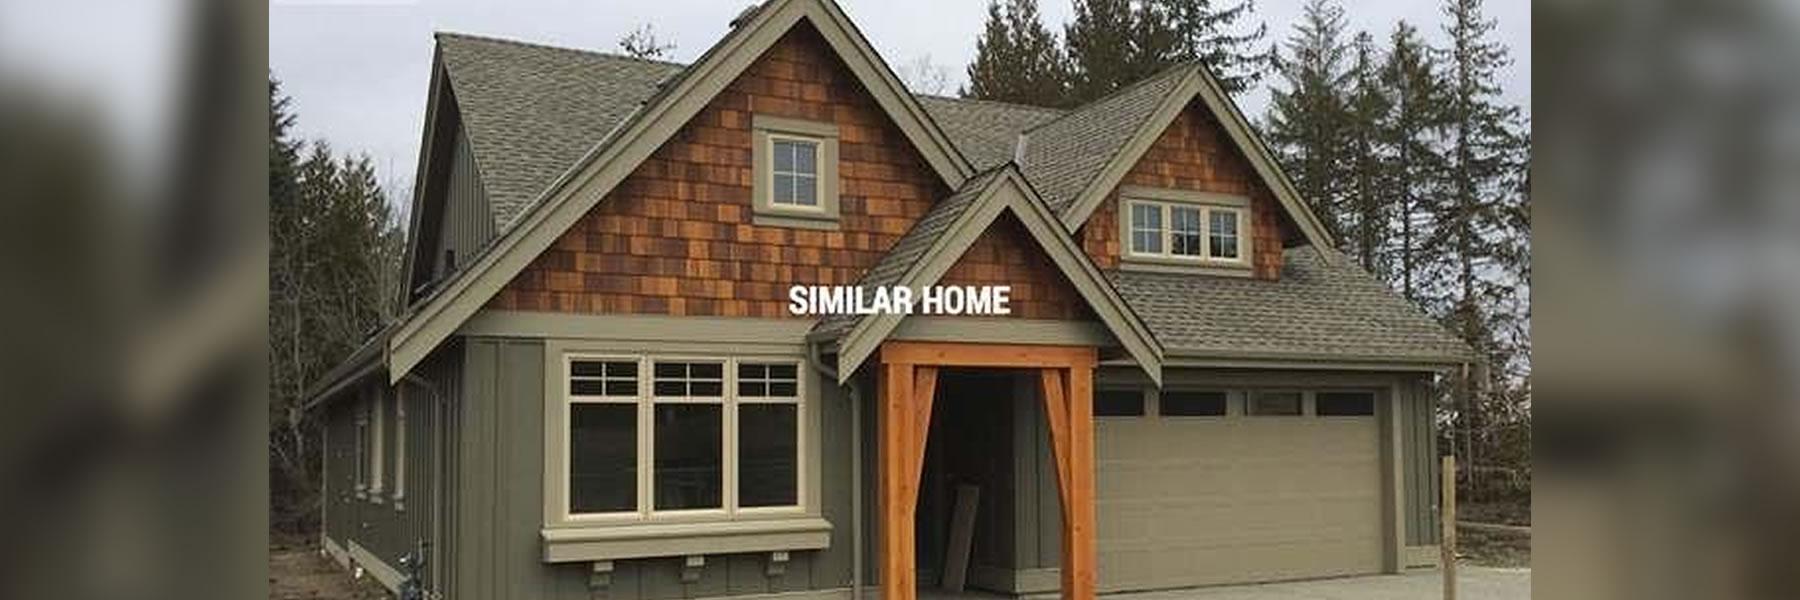 real-estate-slide